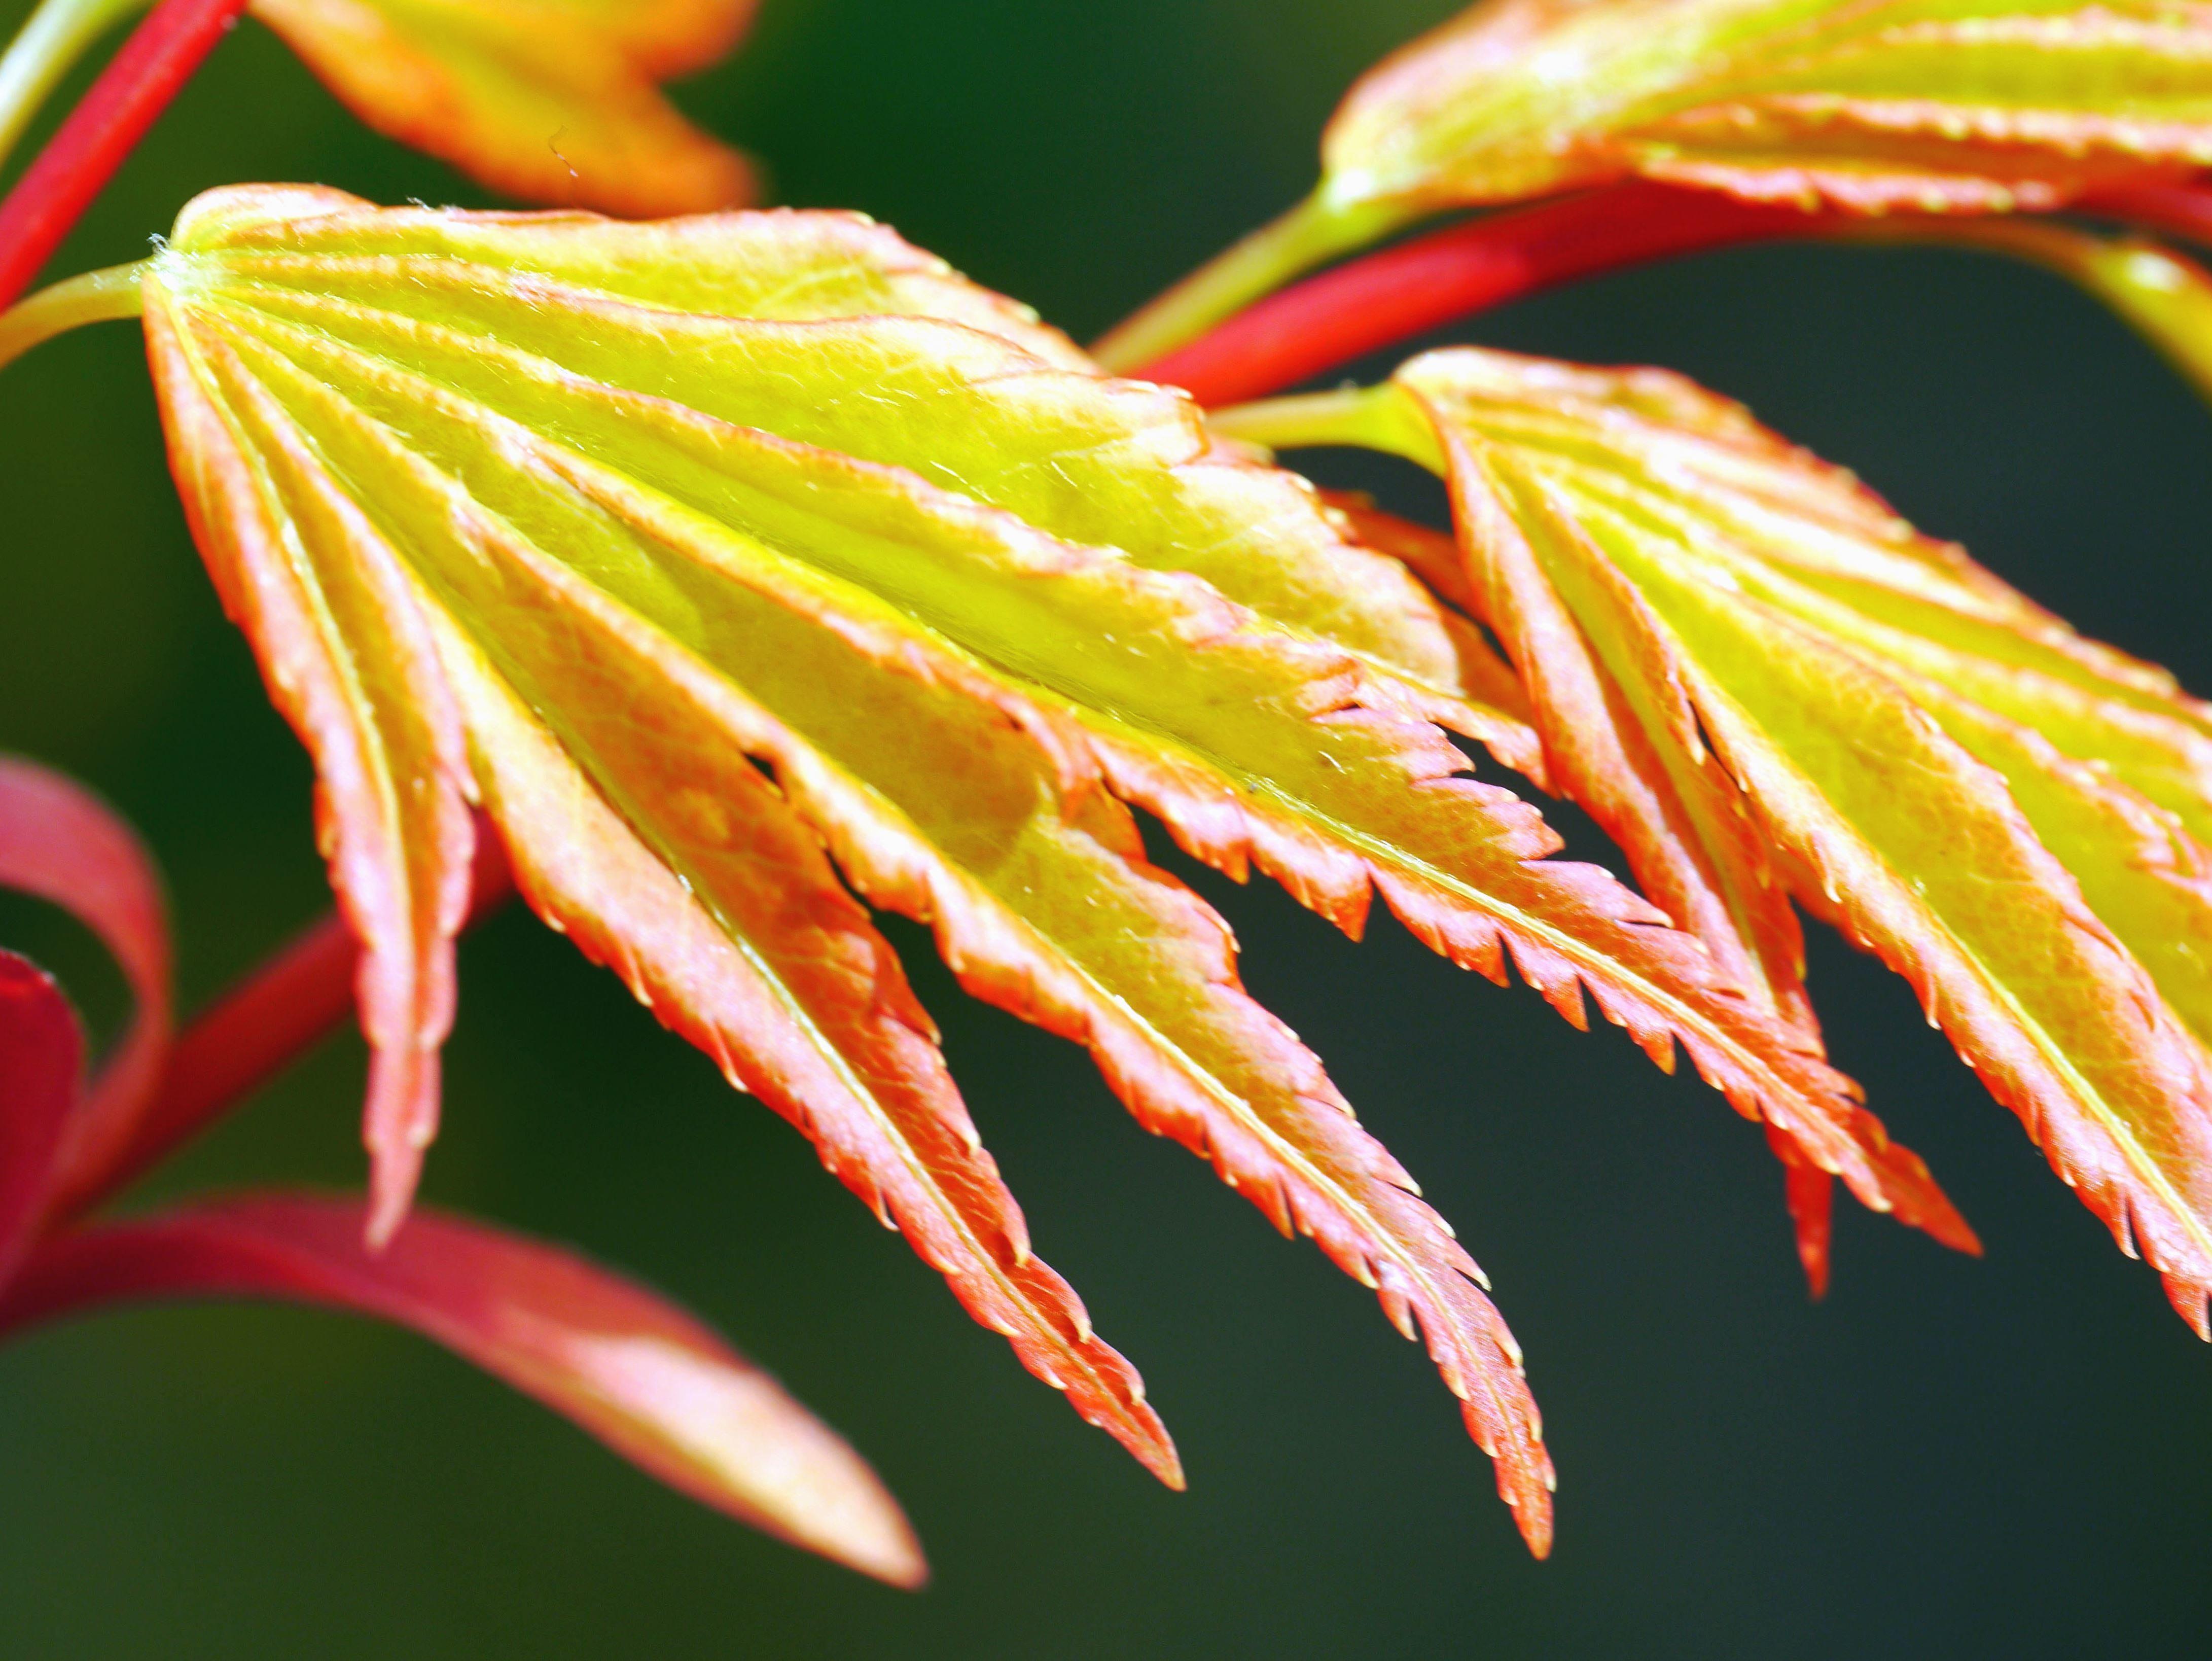 Imagen gratis: Hoja, planta, flora, hojas, flor, color